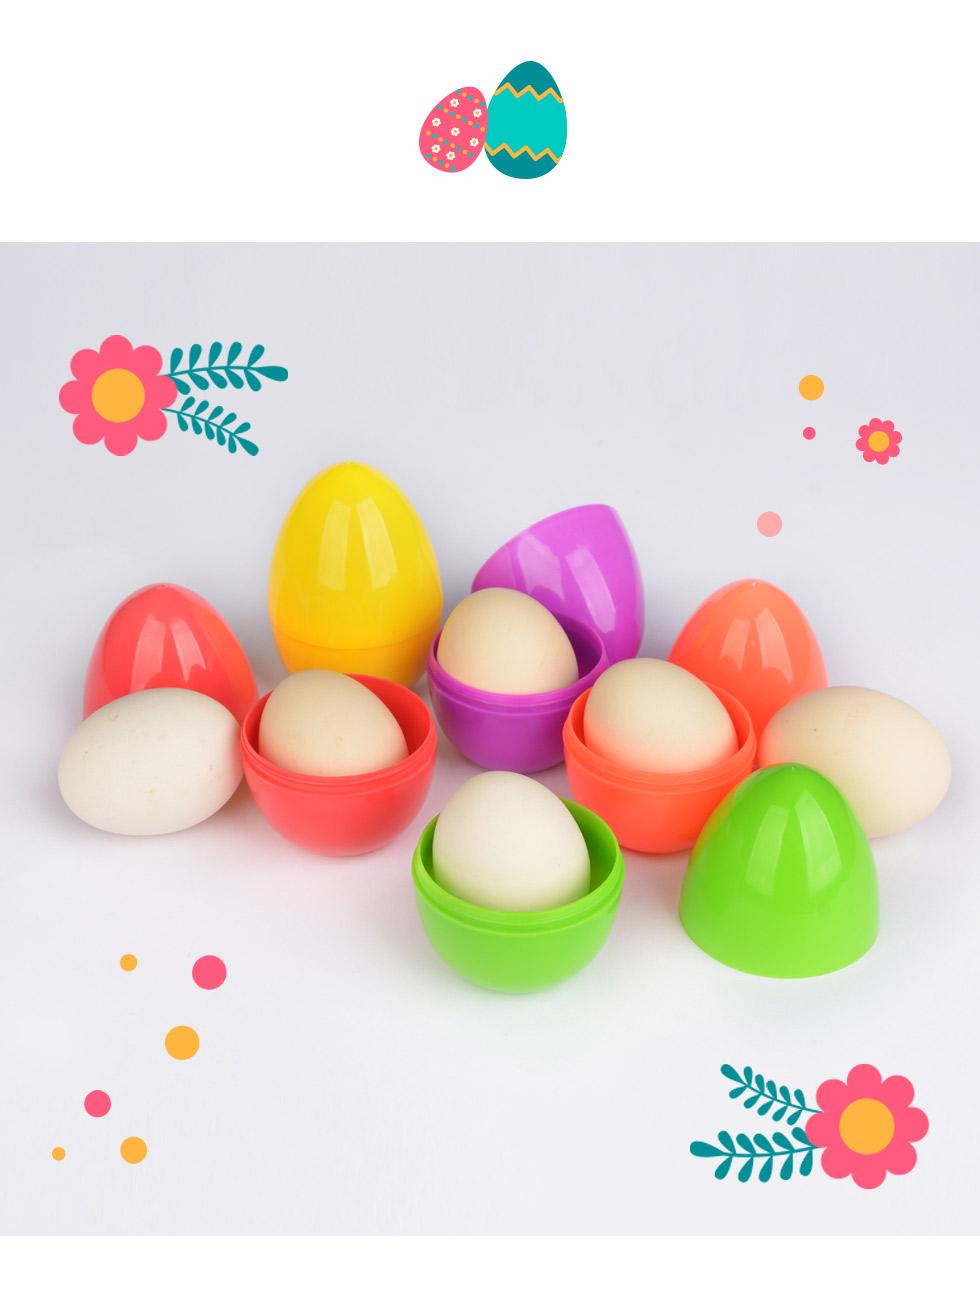 부활절 계란케이스 스탠딩 에그캡슐 (대) 5종에는 계란 한 개가 쏙 들어가 예쁘게 포장됩니다.